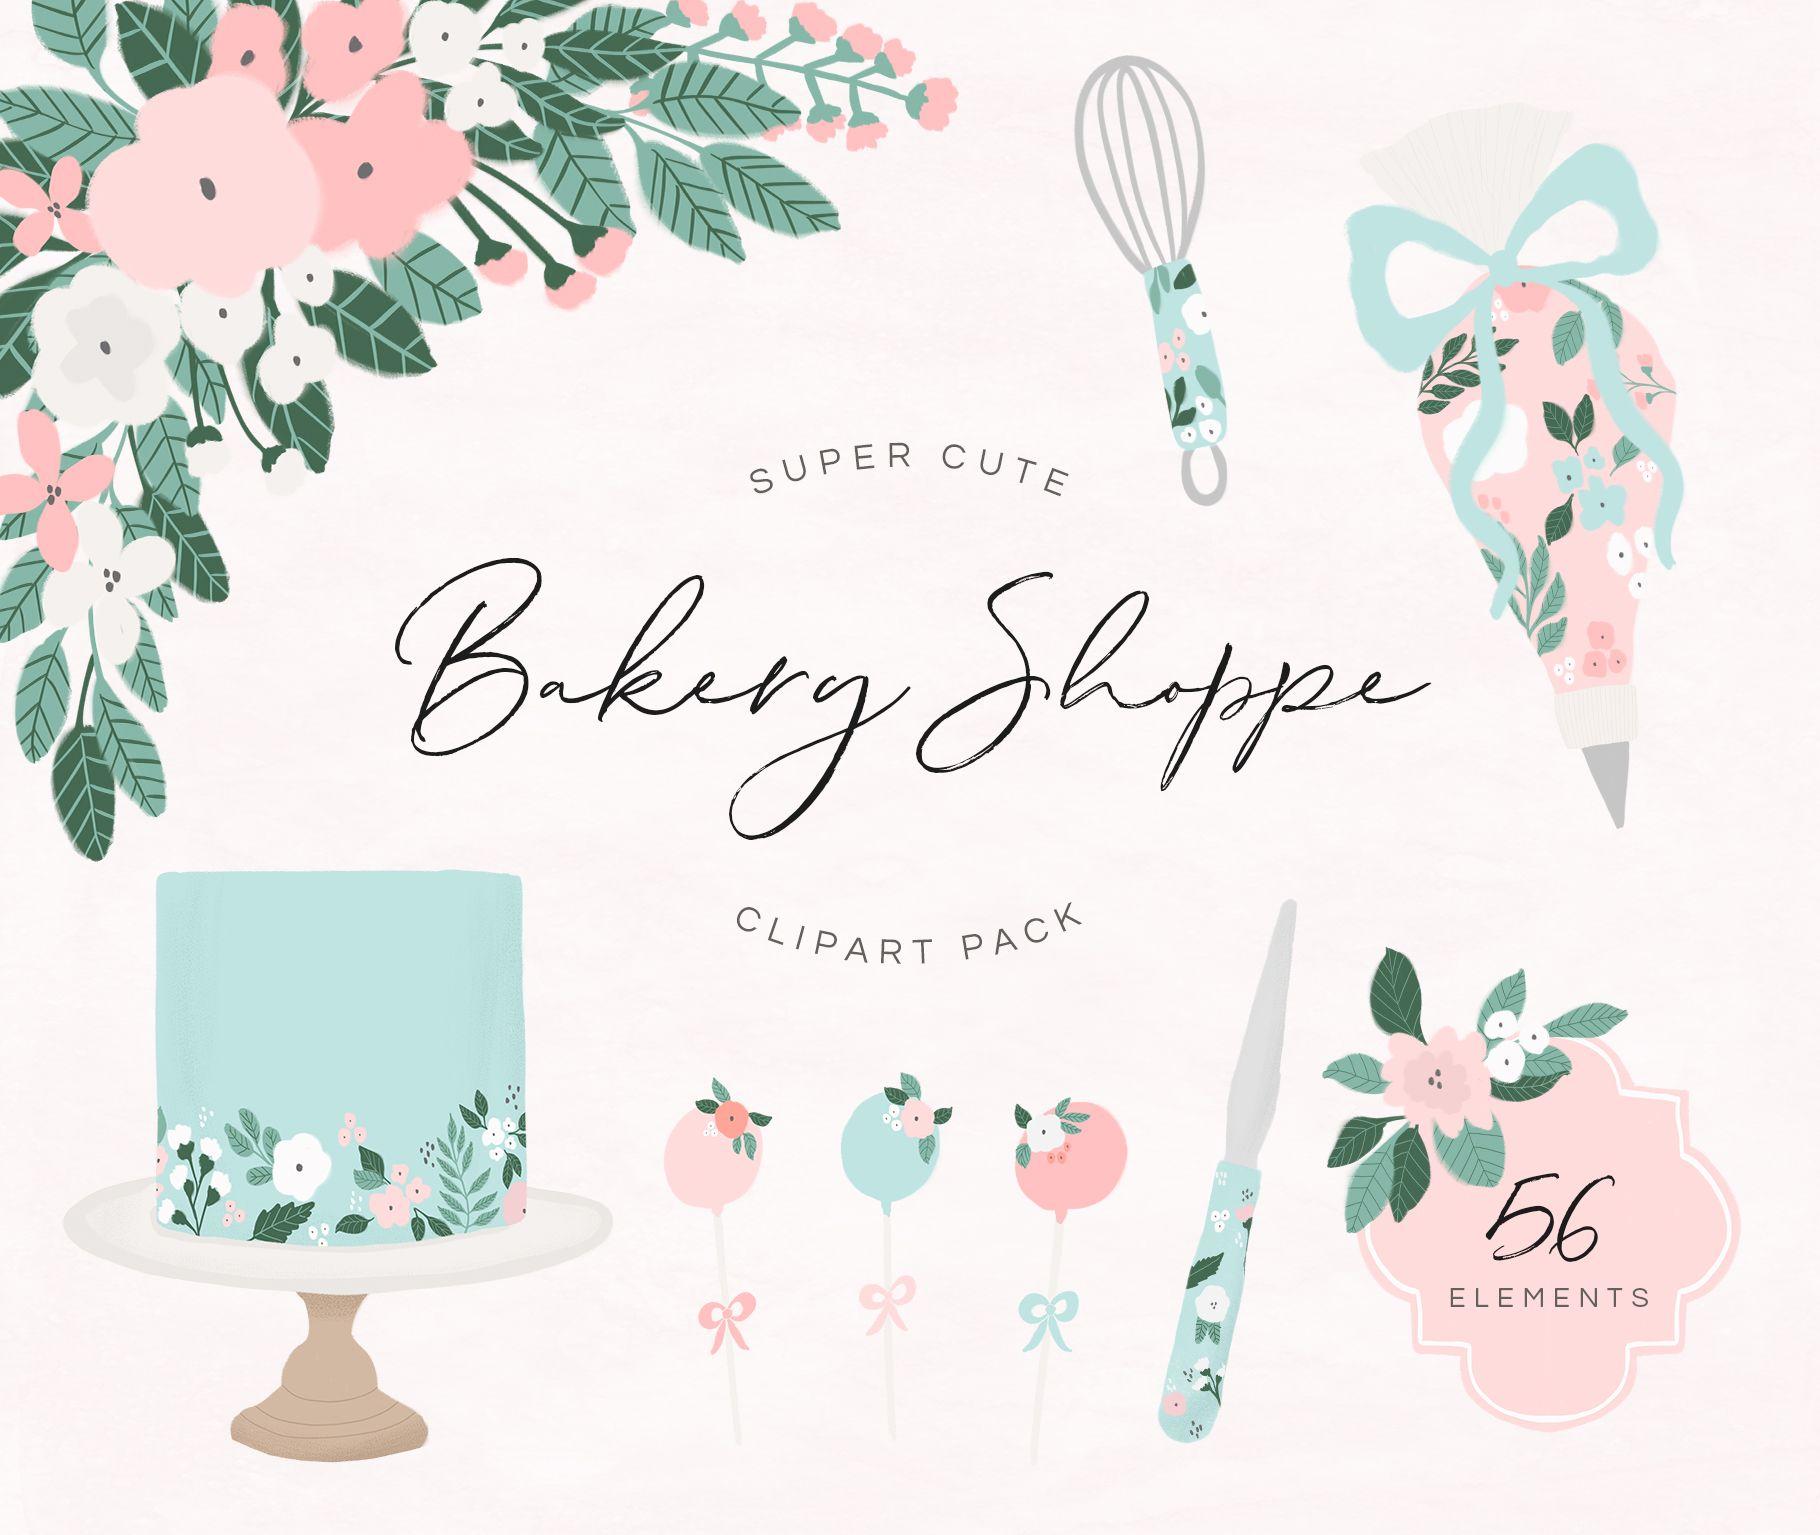 Bakery Clipart Pack Clip art, Cake logo design, Blossom